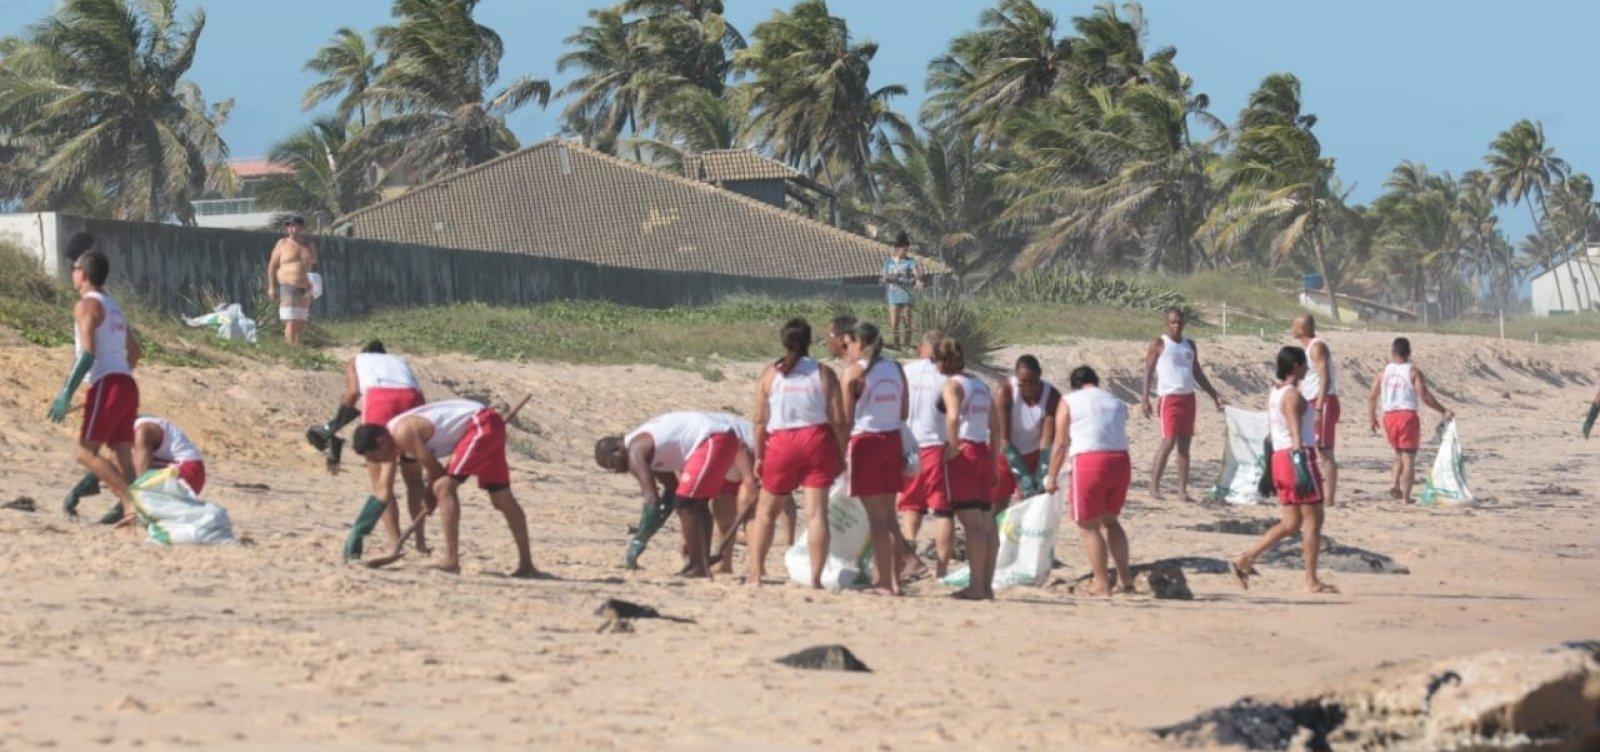 Óleo nas praias: bombeiros realizam nova limpeza no Litoral Norte da Bahia